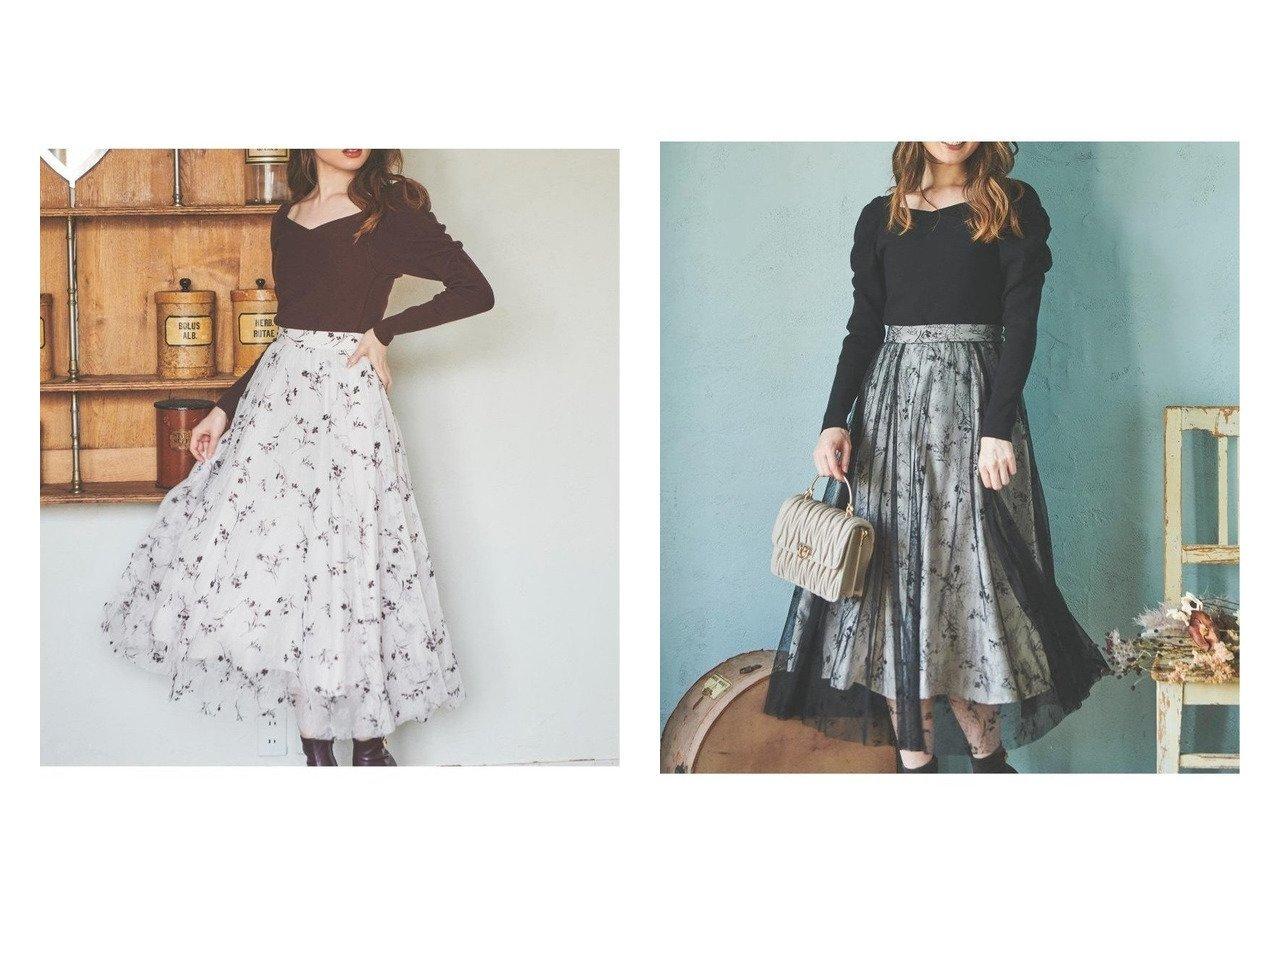 【Noela/ノエラ】のフロッキーエアリーエアリースカート 【スカート】おすすめ!人気、トレンド・レディースファッションの通販 おすすめで人気の流行・トレンド、ファッションの通販商品 インテリア・家具・メンズファッション・キッズファッション・レディースファッション・服の通販 founy(ファニー) https://founy.com/ ファッション Fashion レディースファッション WOMEN スカート Skirt Aライン/フレアスカート Flared A-Line Skirts エアリー エレガント フェミニン フレア レース |ID:crp329100000072565